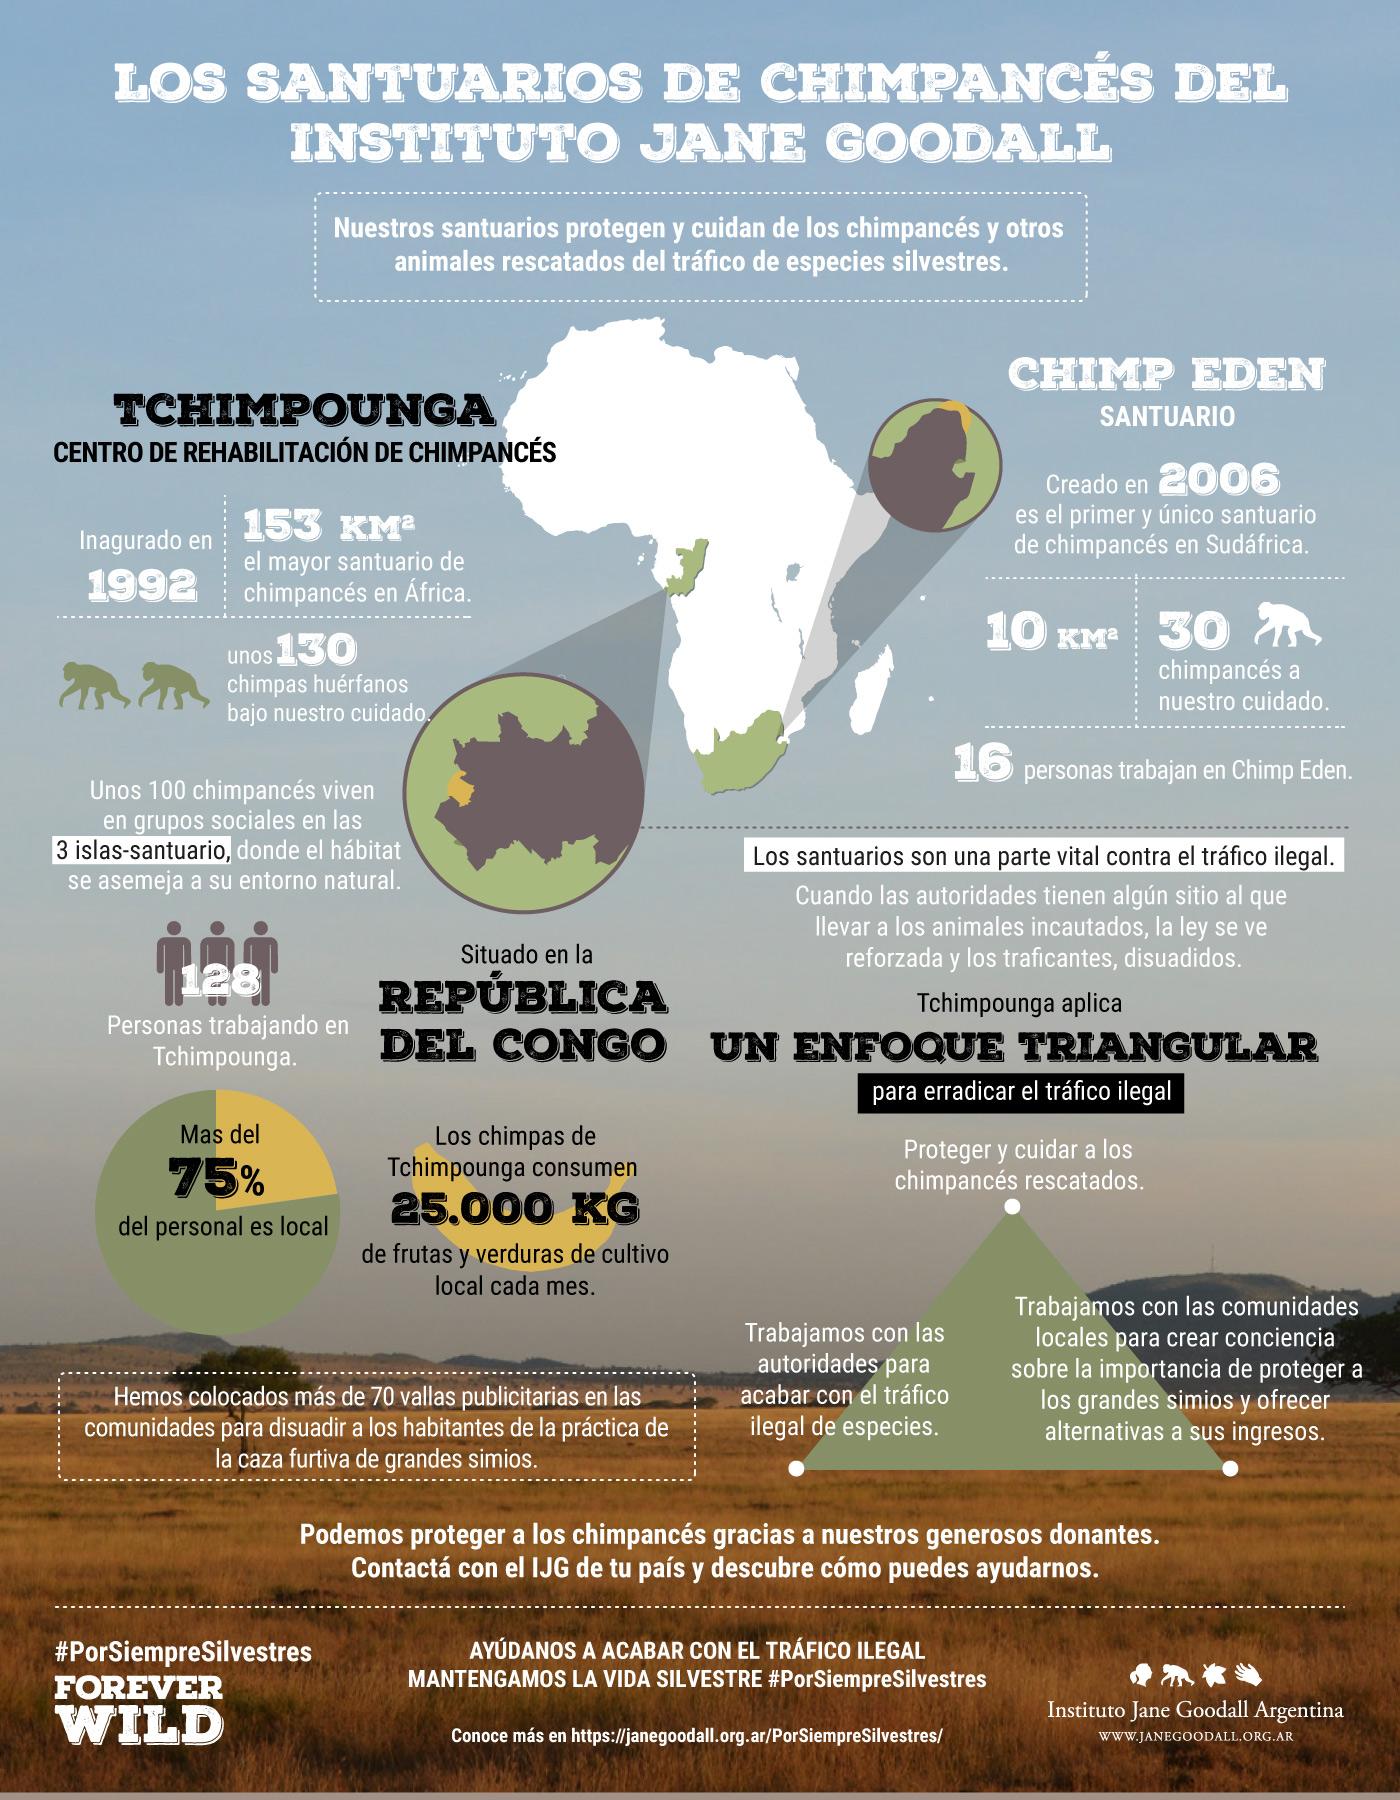 sanctuaries-infographic-espanol